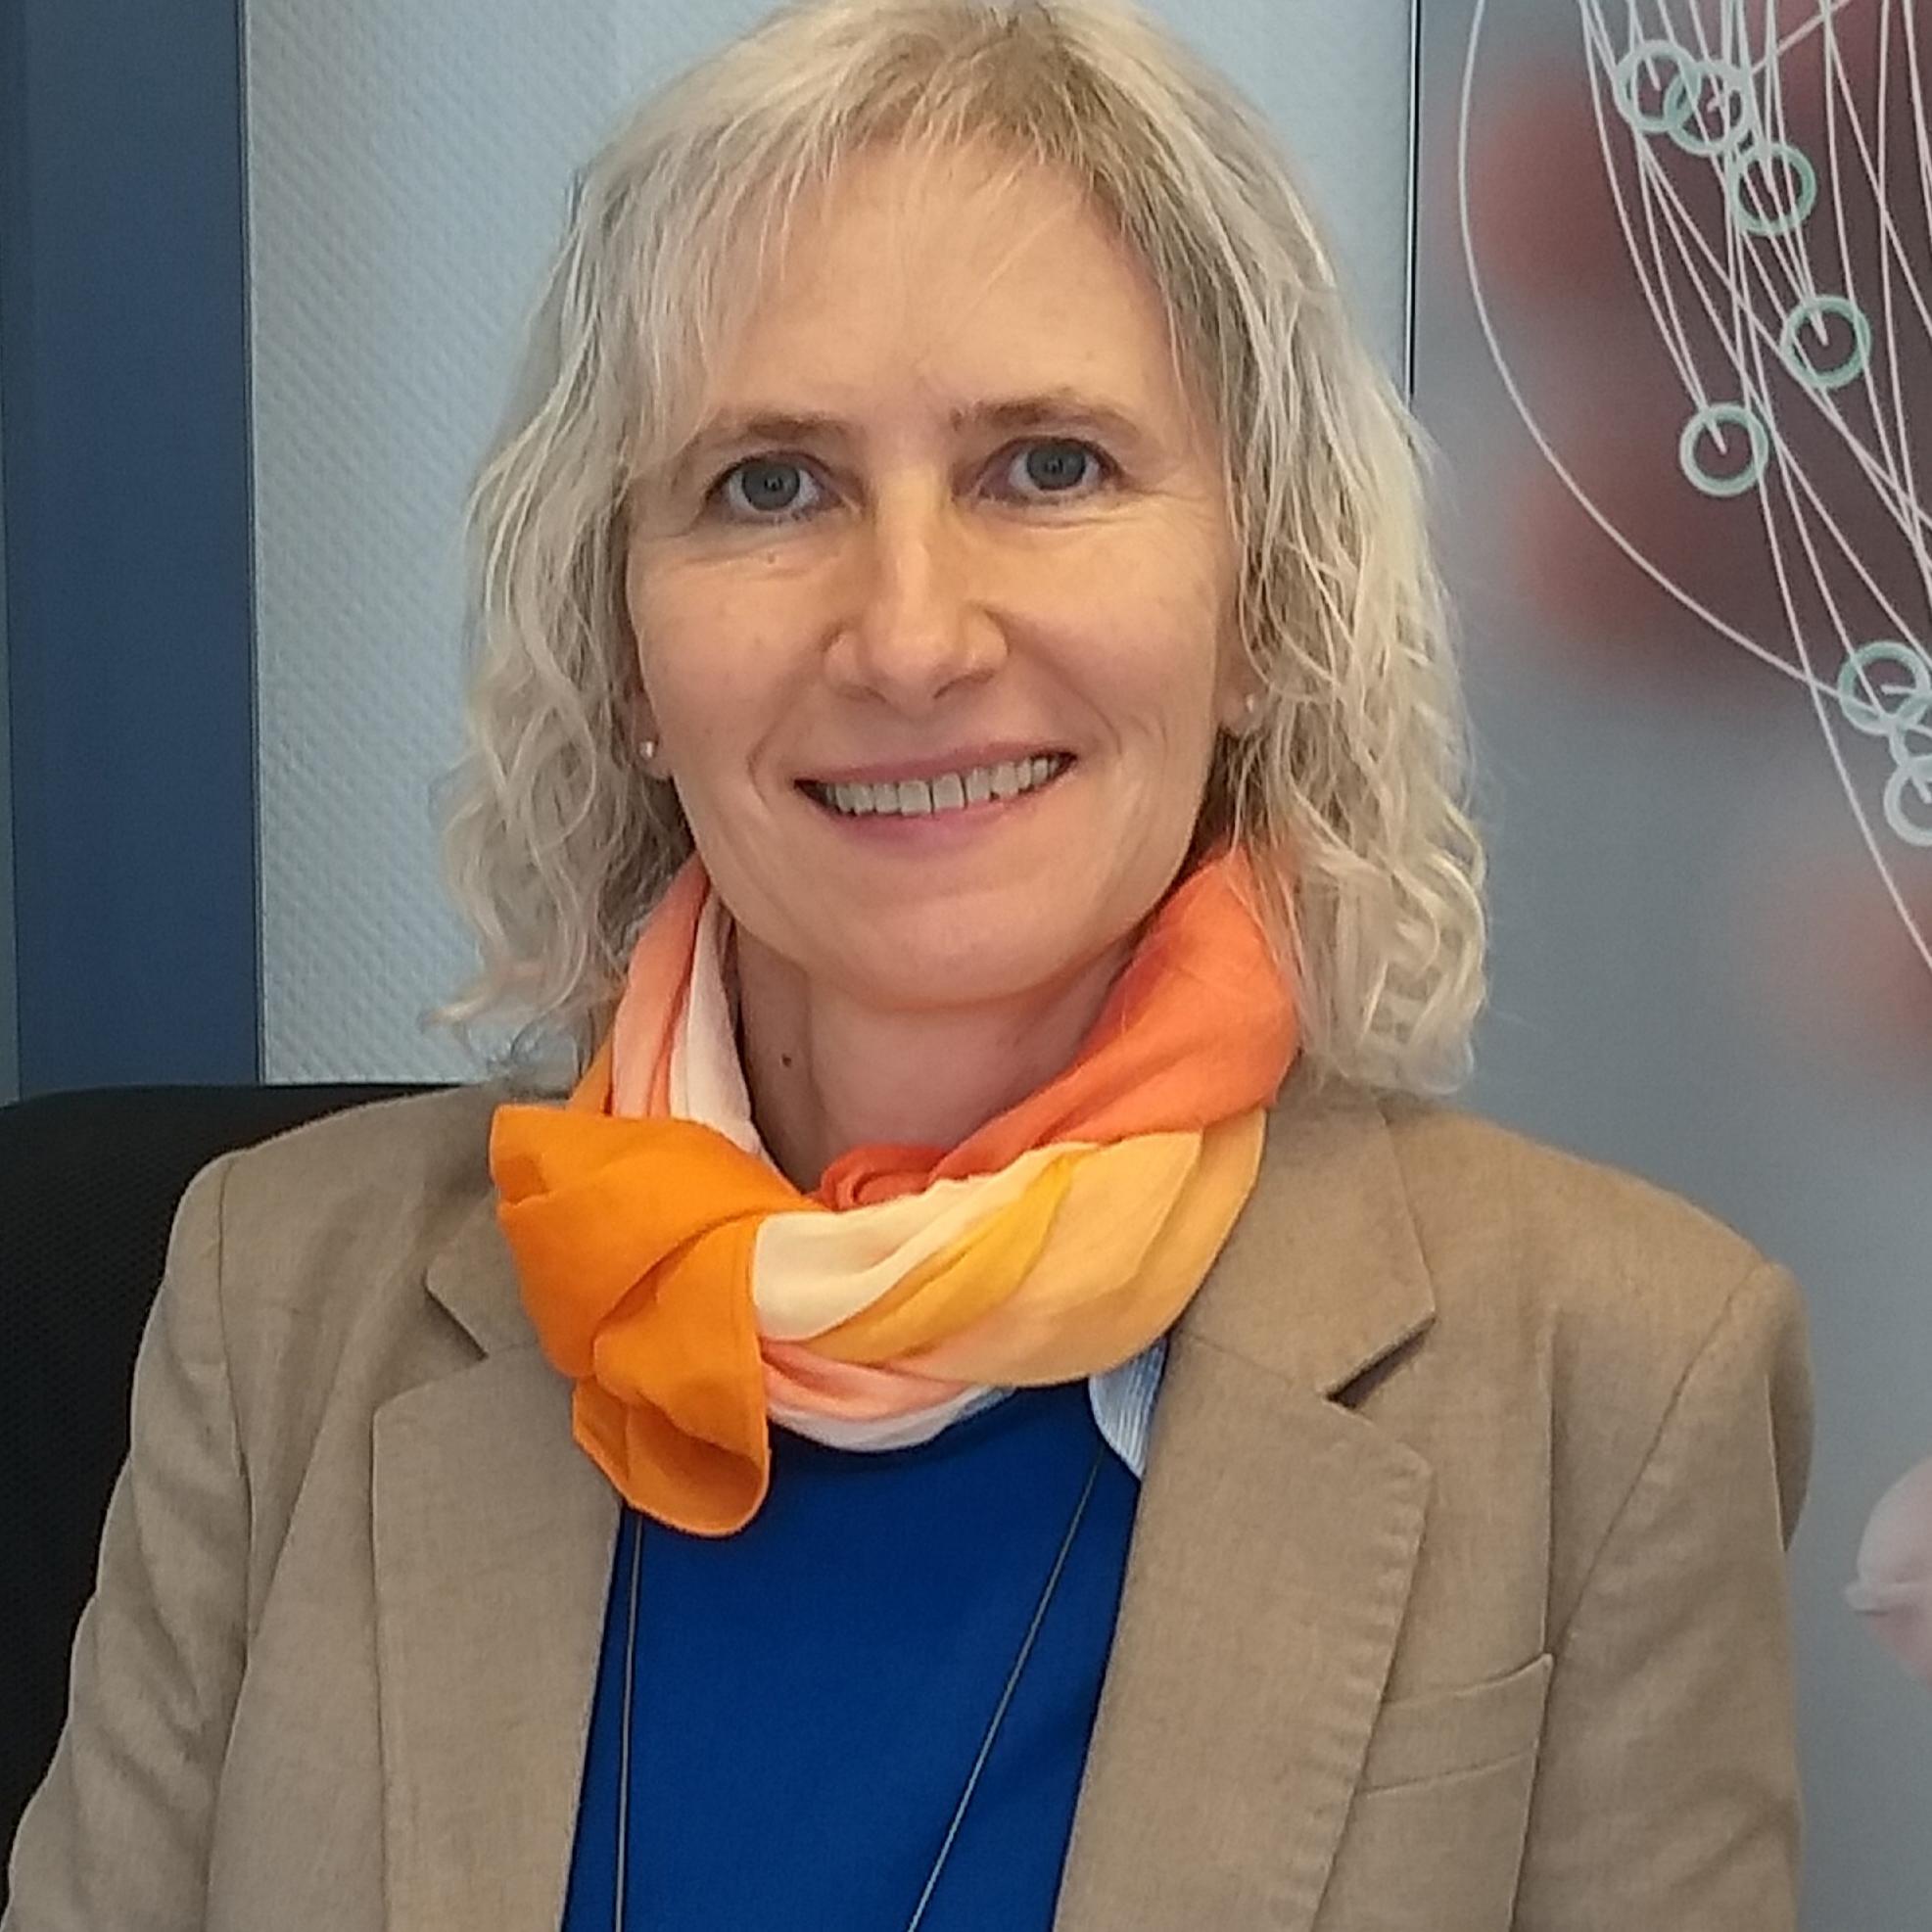 Cornelia Schirrmacher